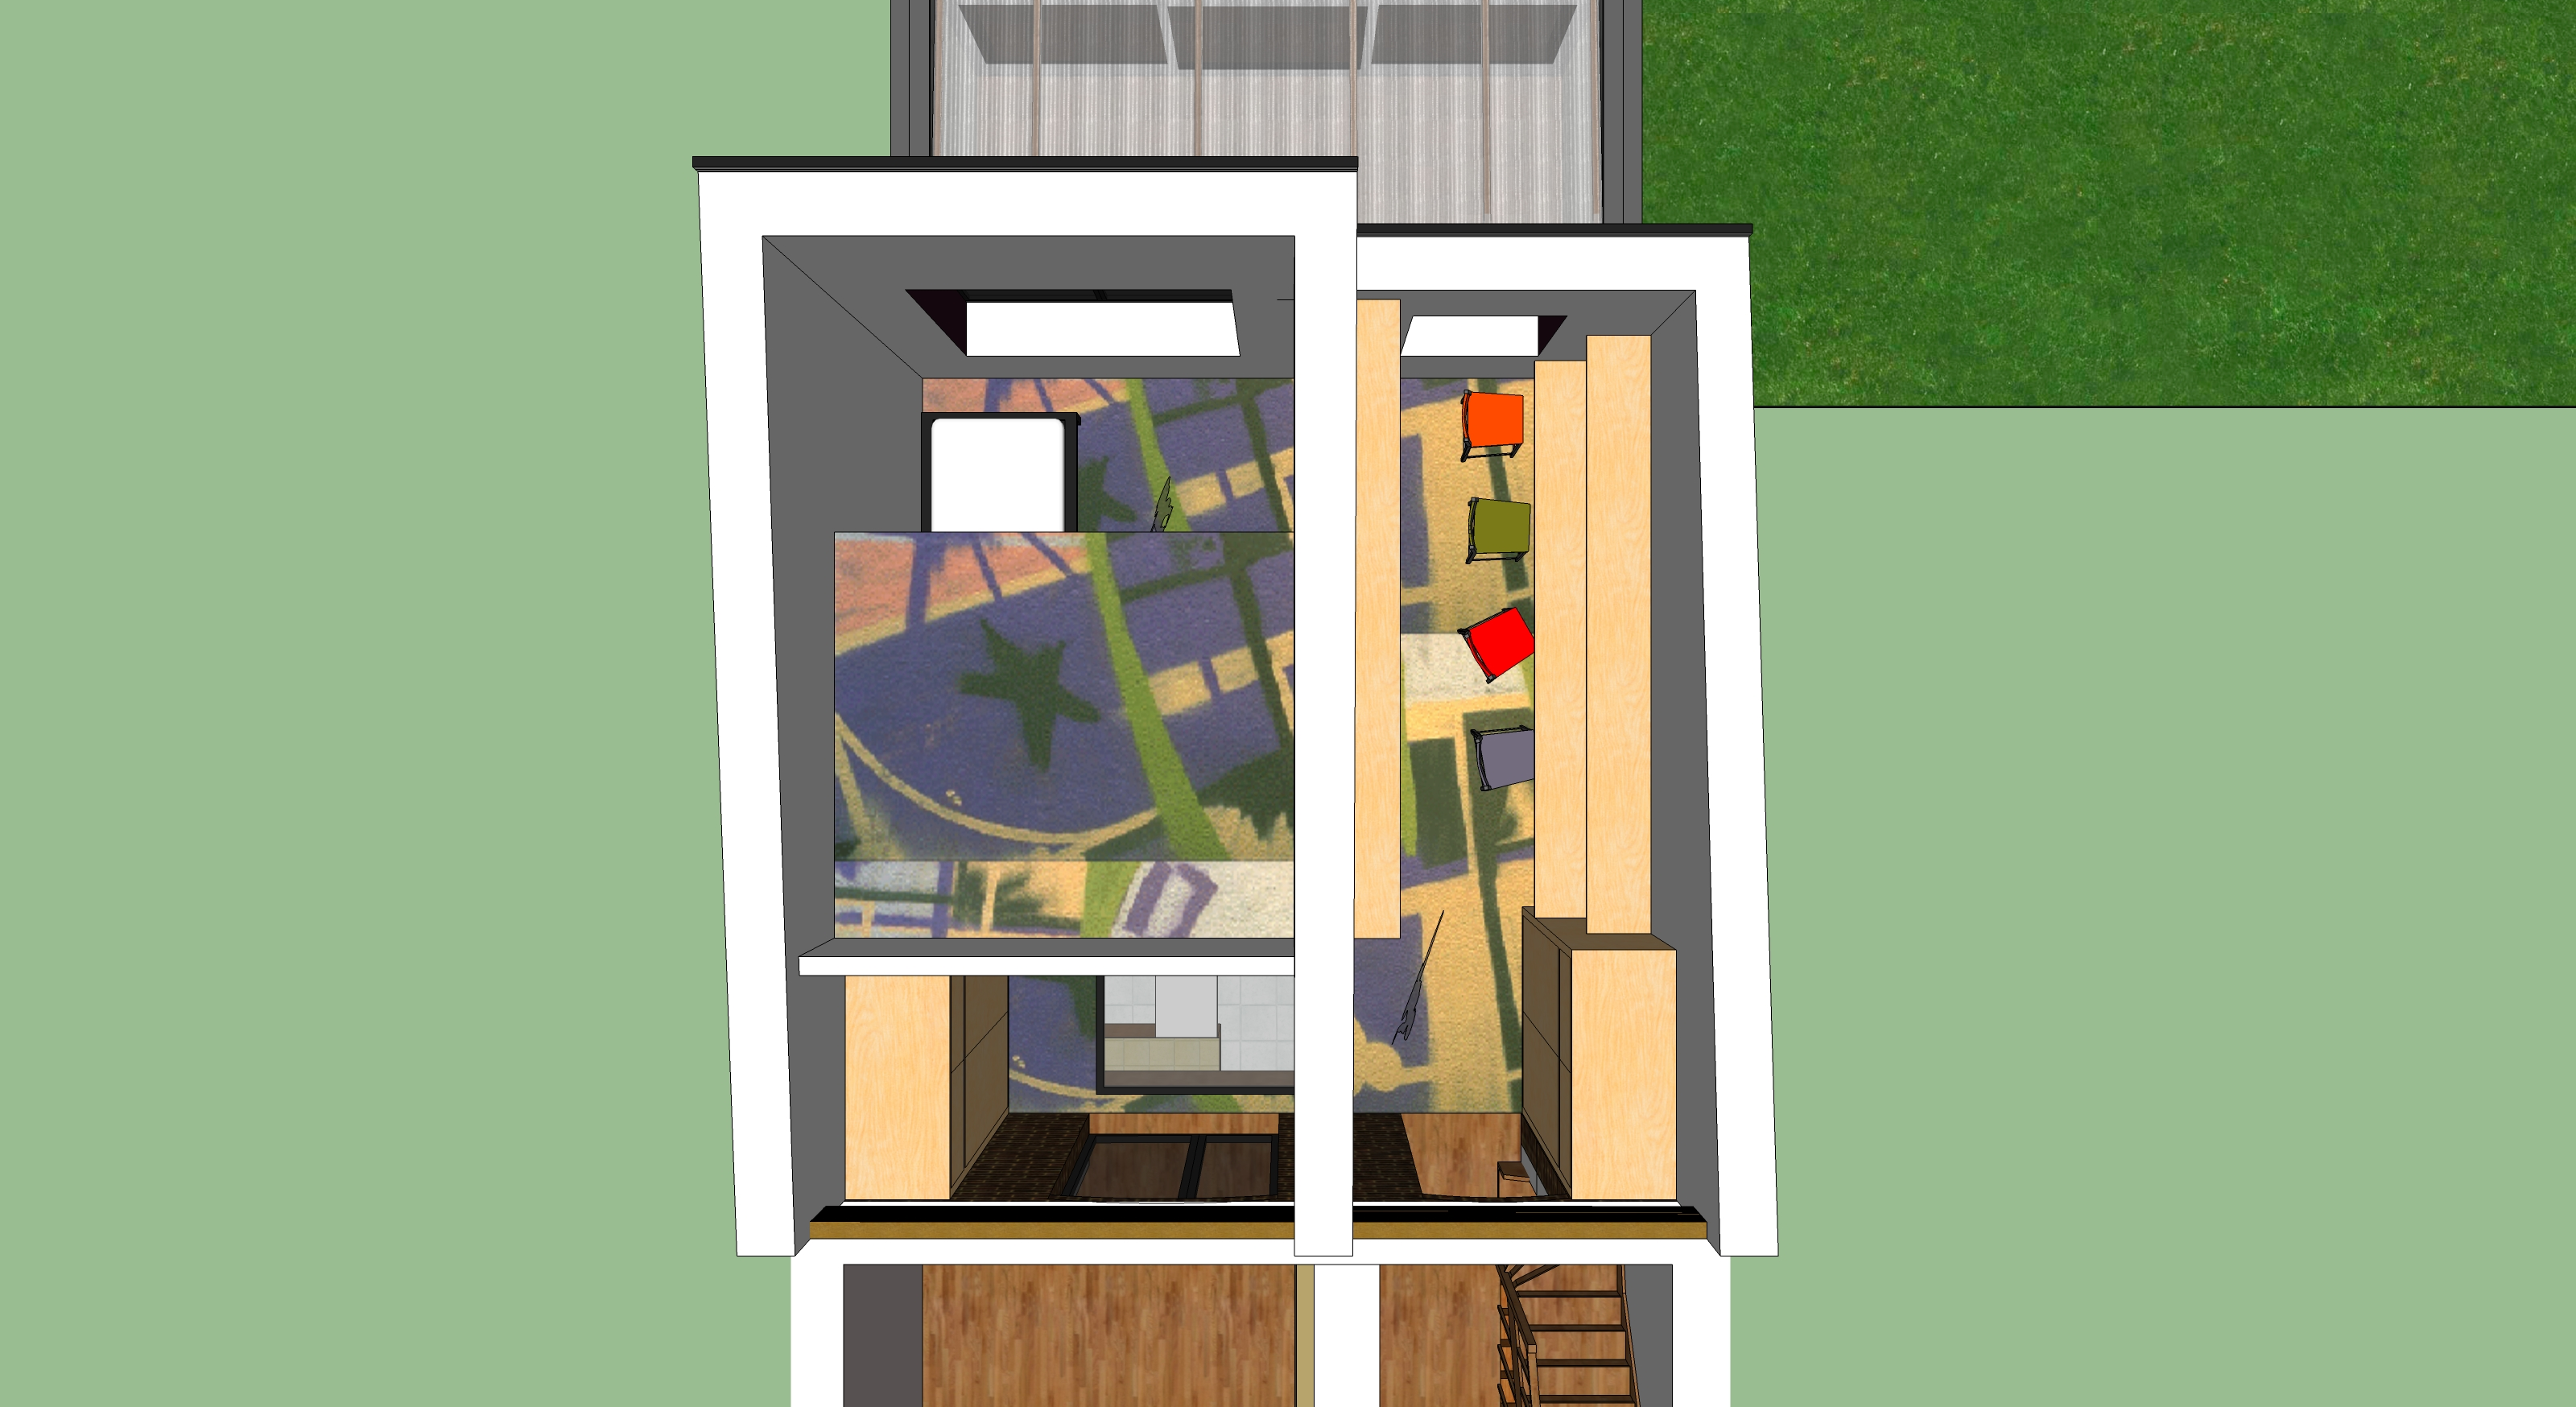 3D-MONFRONT-PROJET-V1-19-02-14-étage